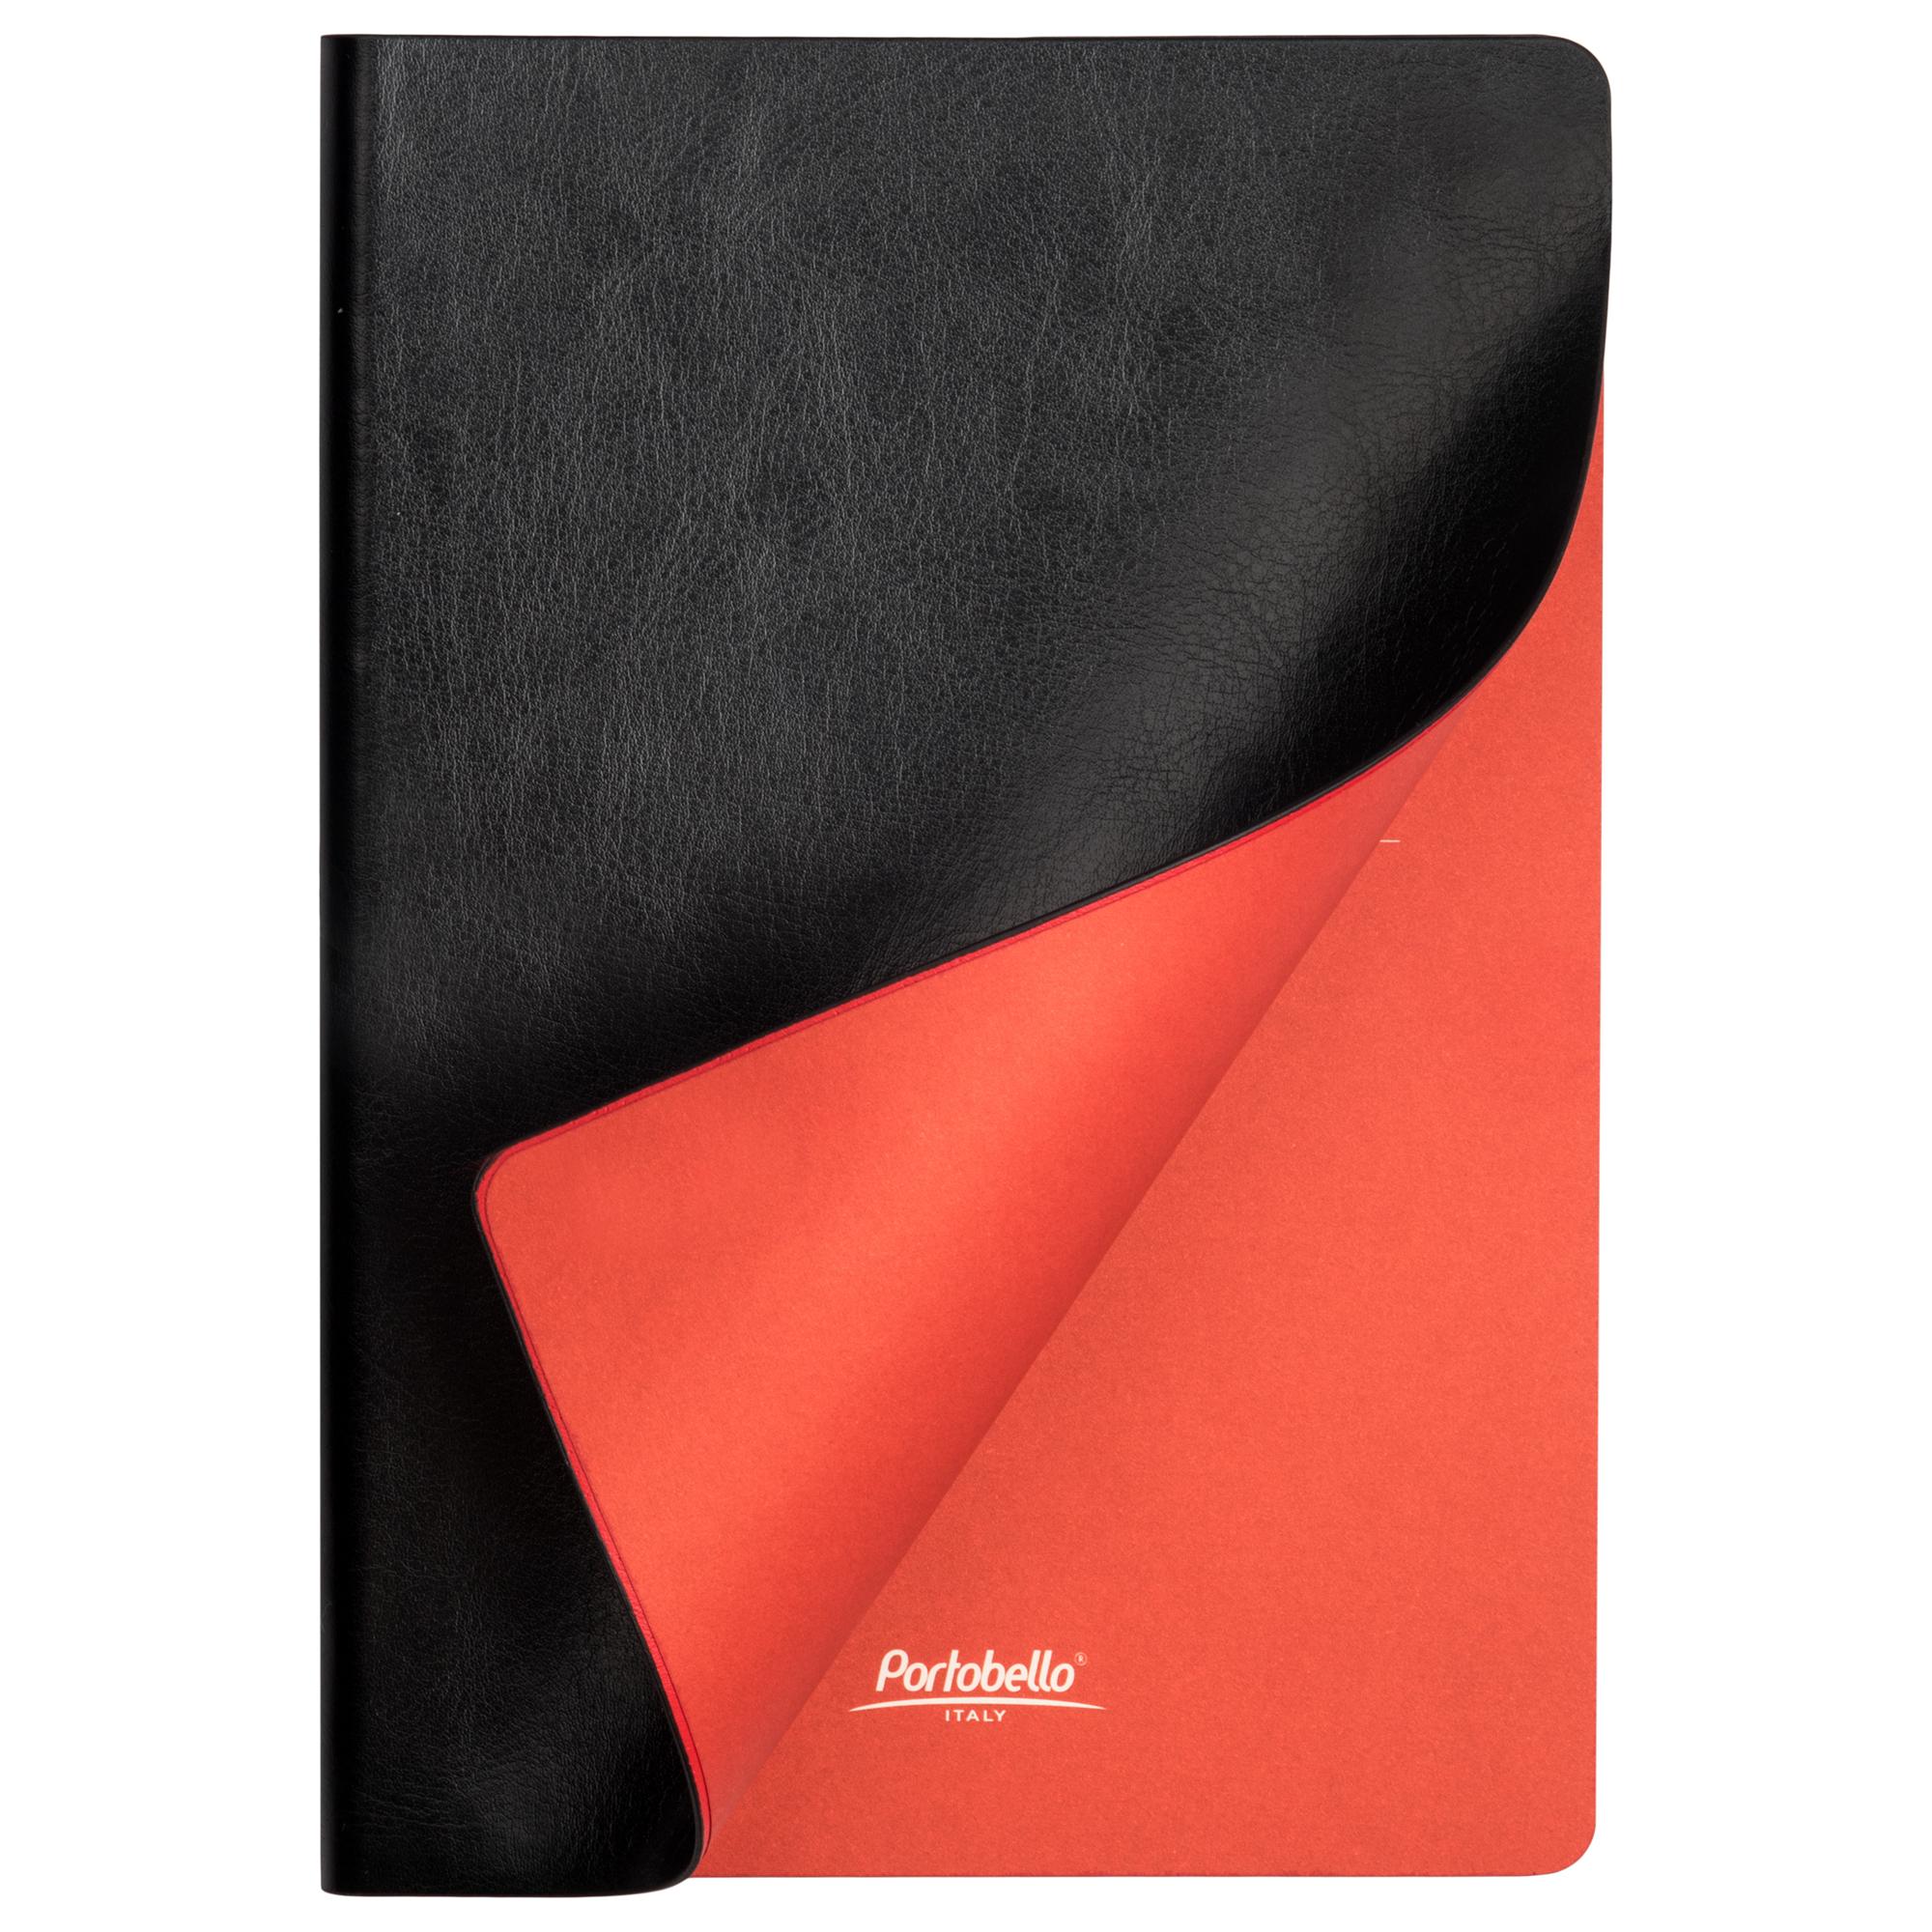 Ежедневник недатированный, Portobello Trend, River side, 145х210, 256 стр, черный/красный, (красный срез)